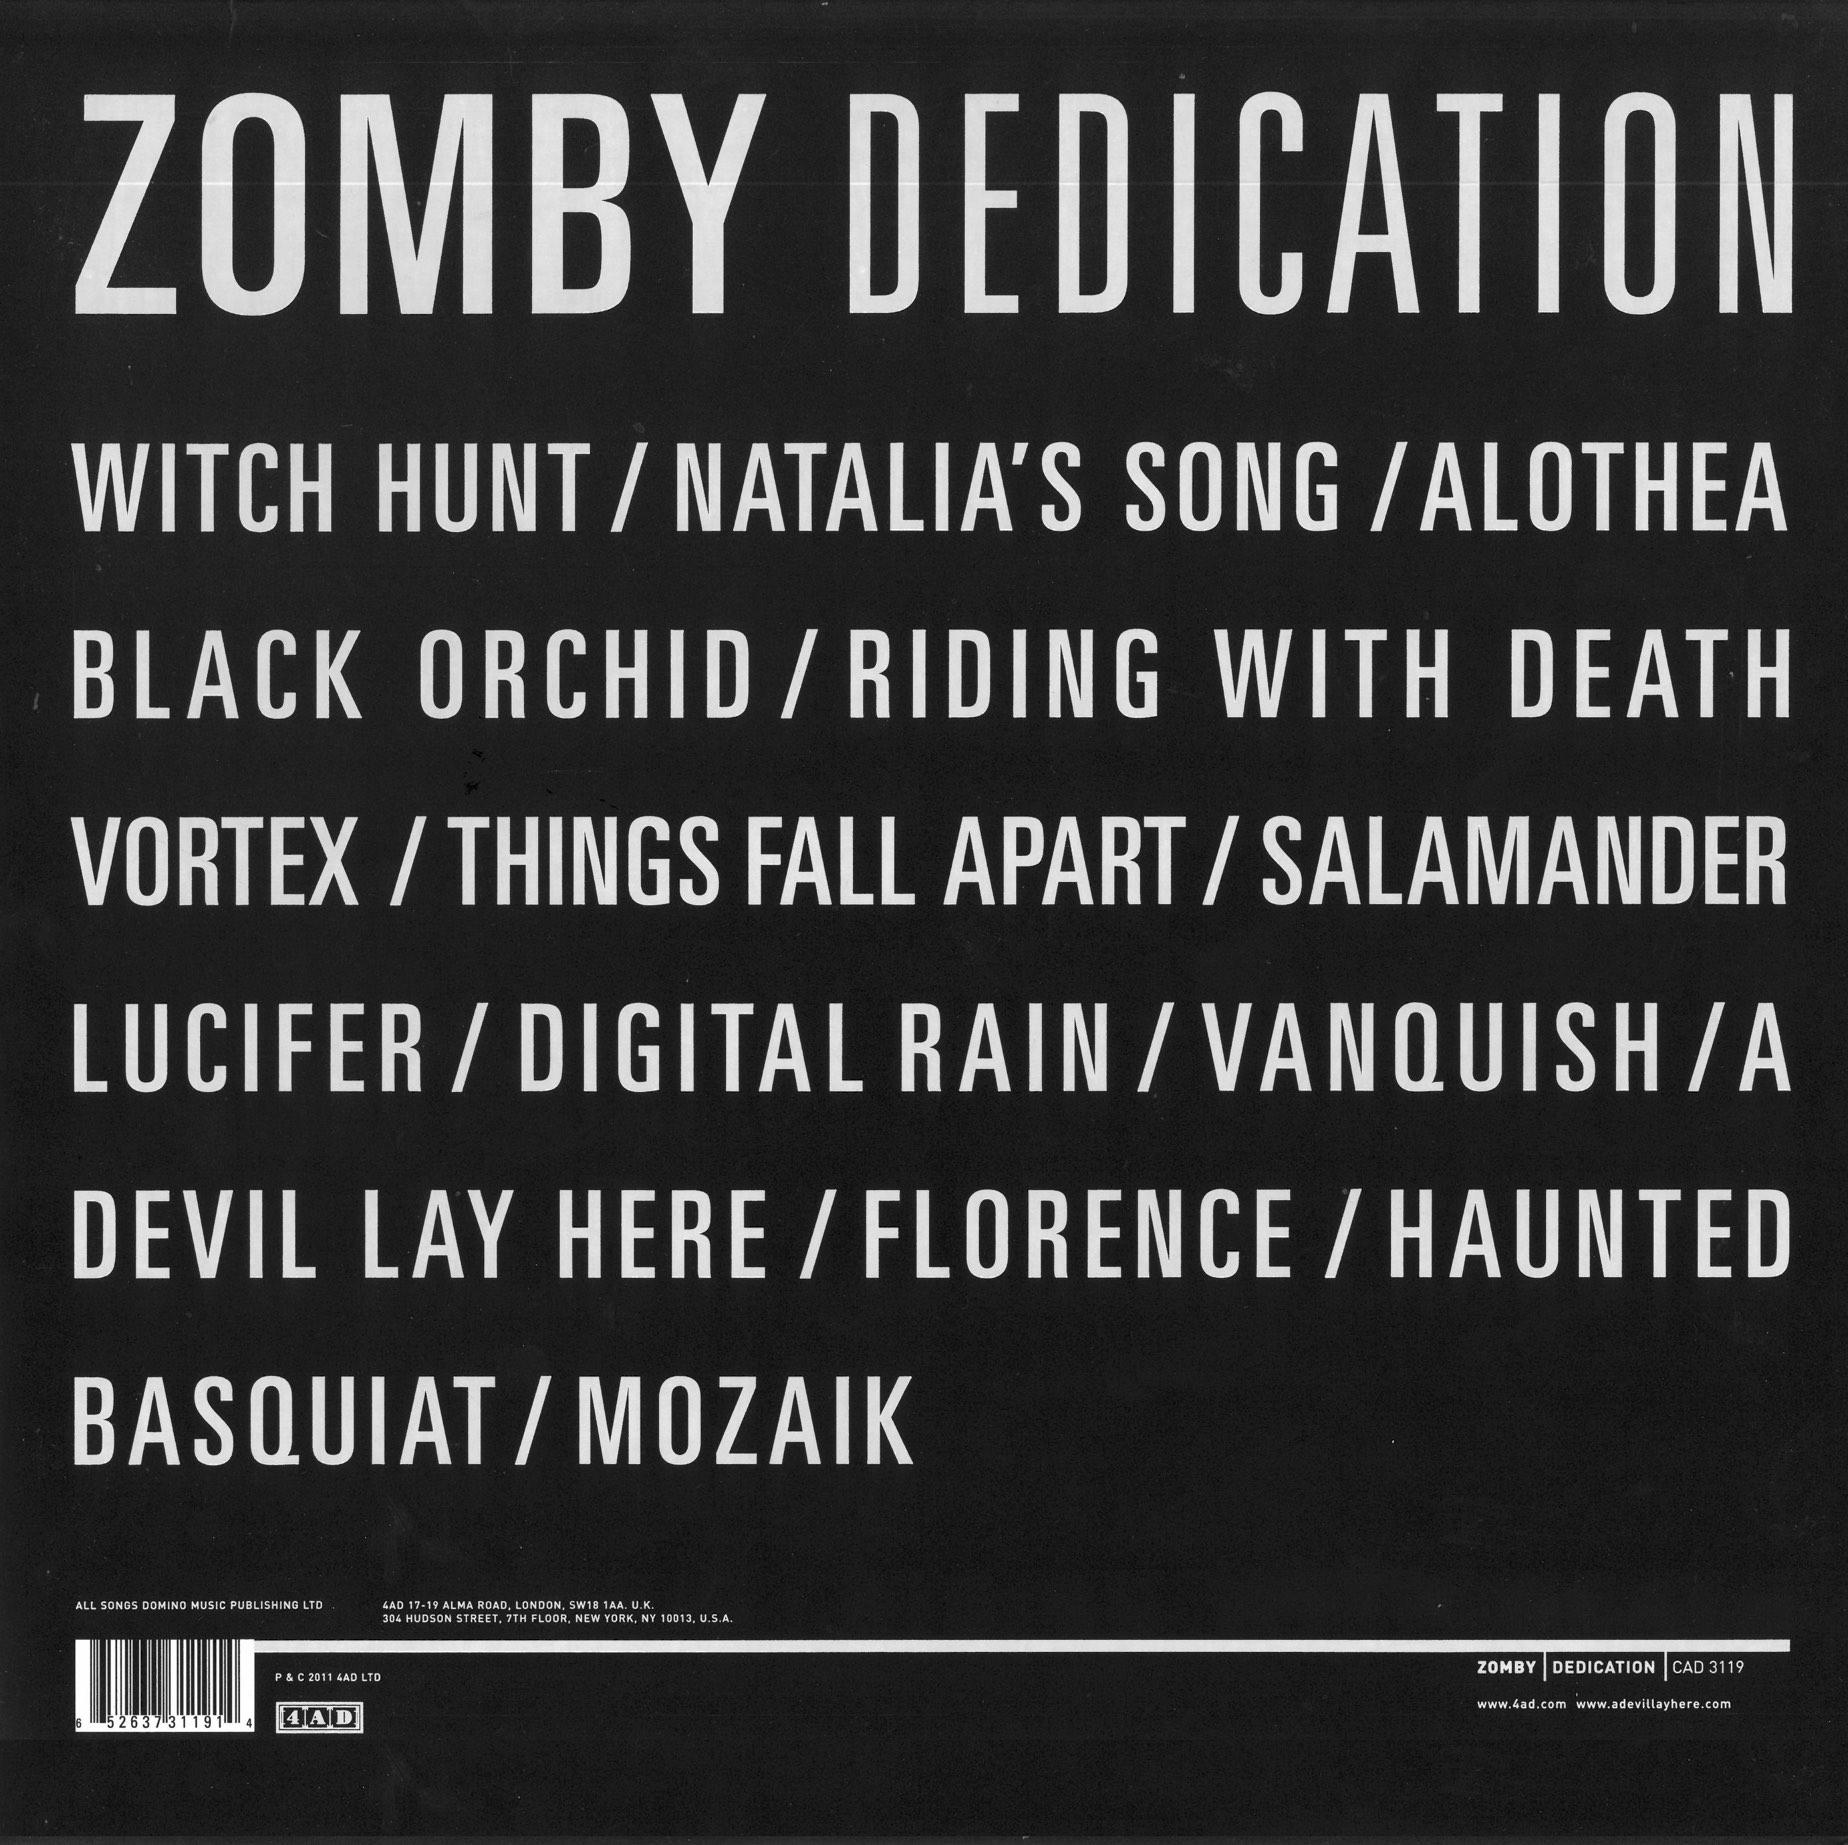 2011 - Zomby